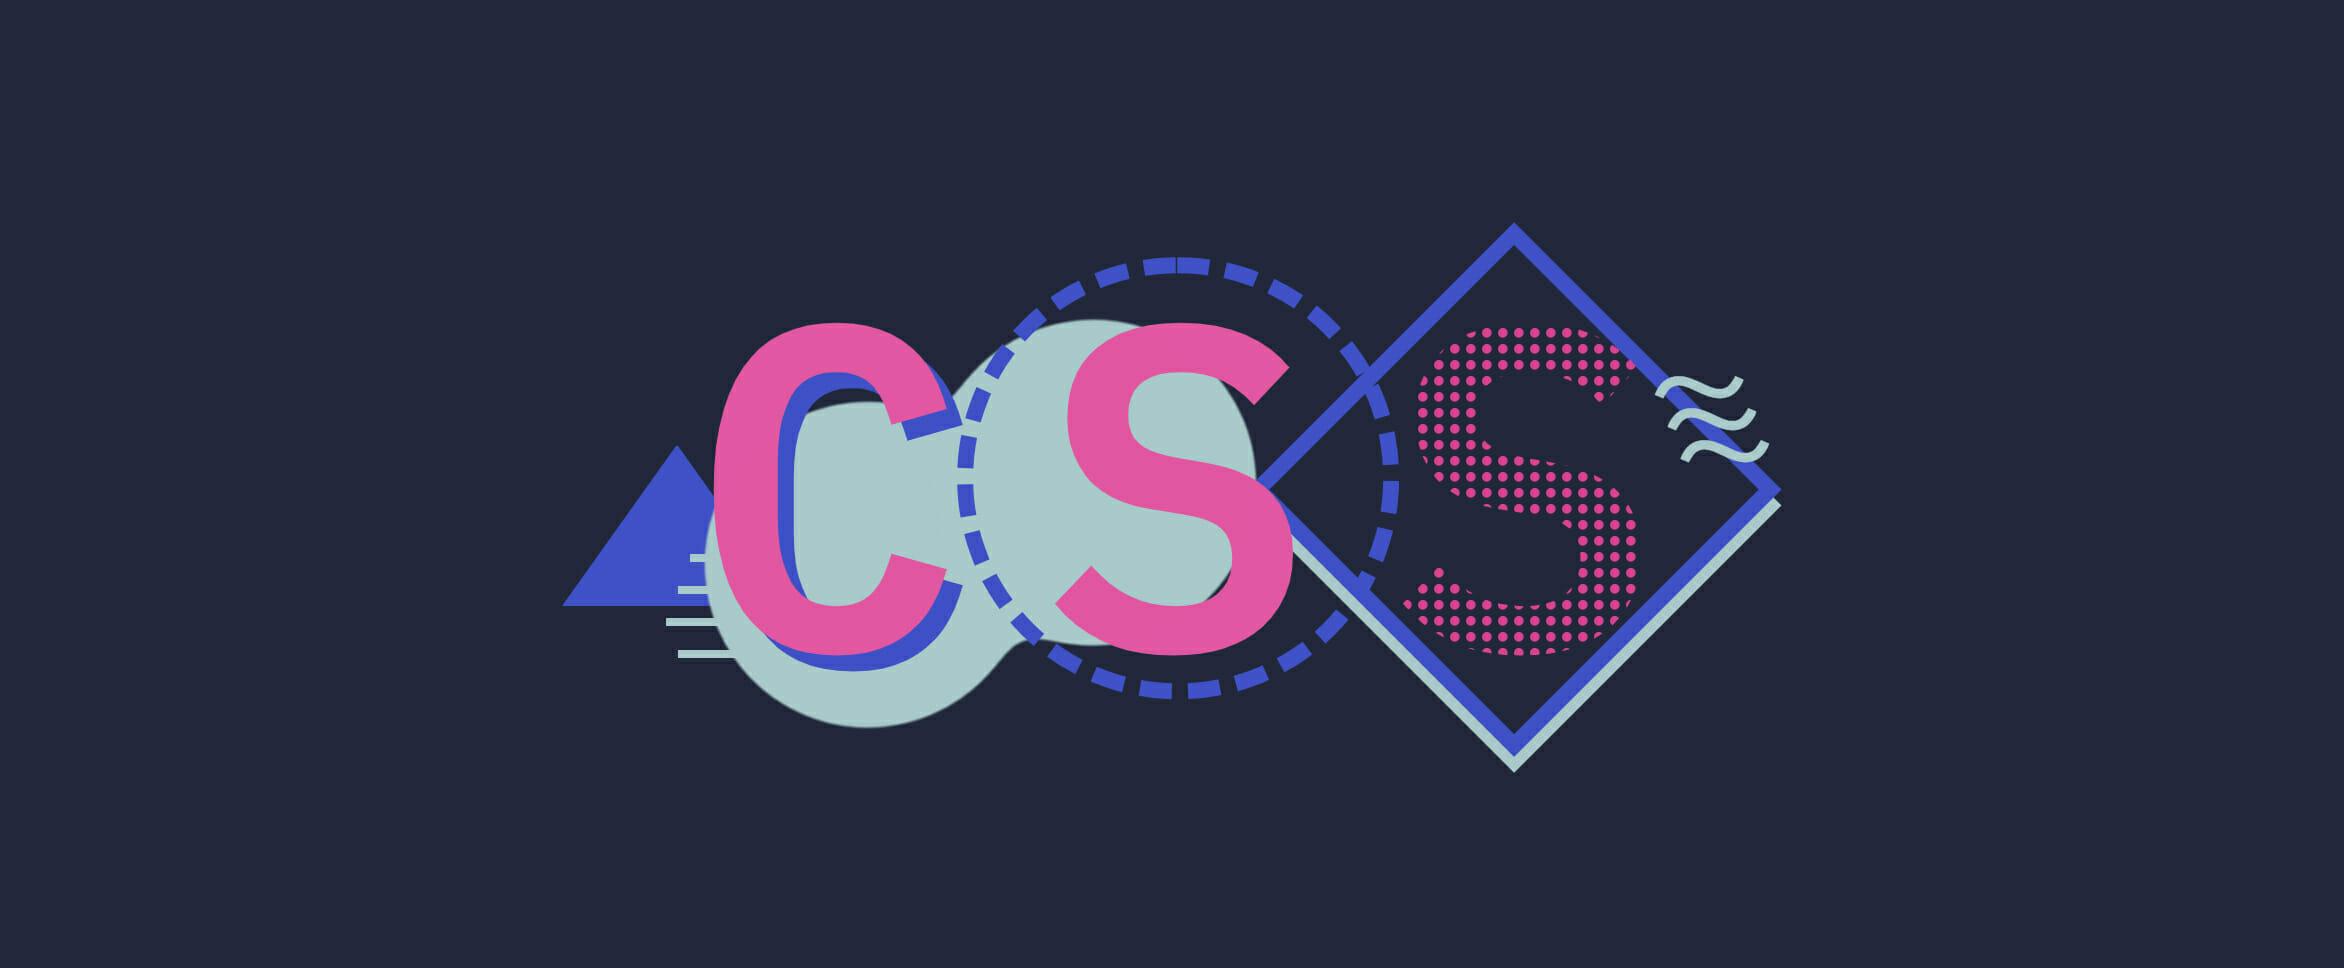 CSS 2021